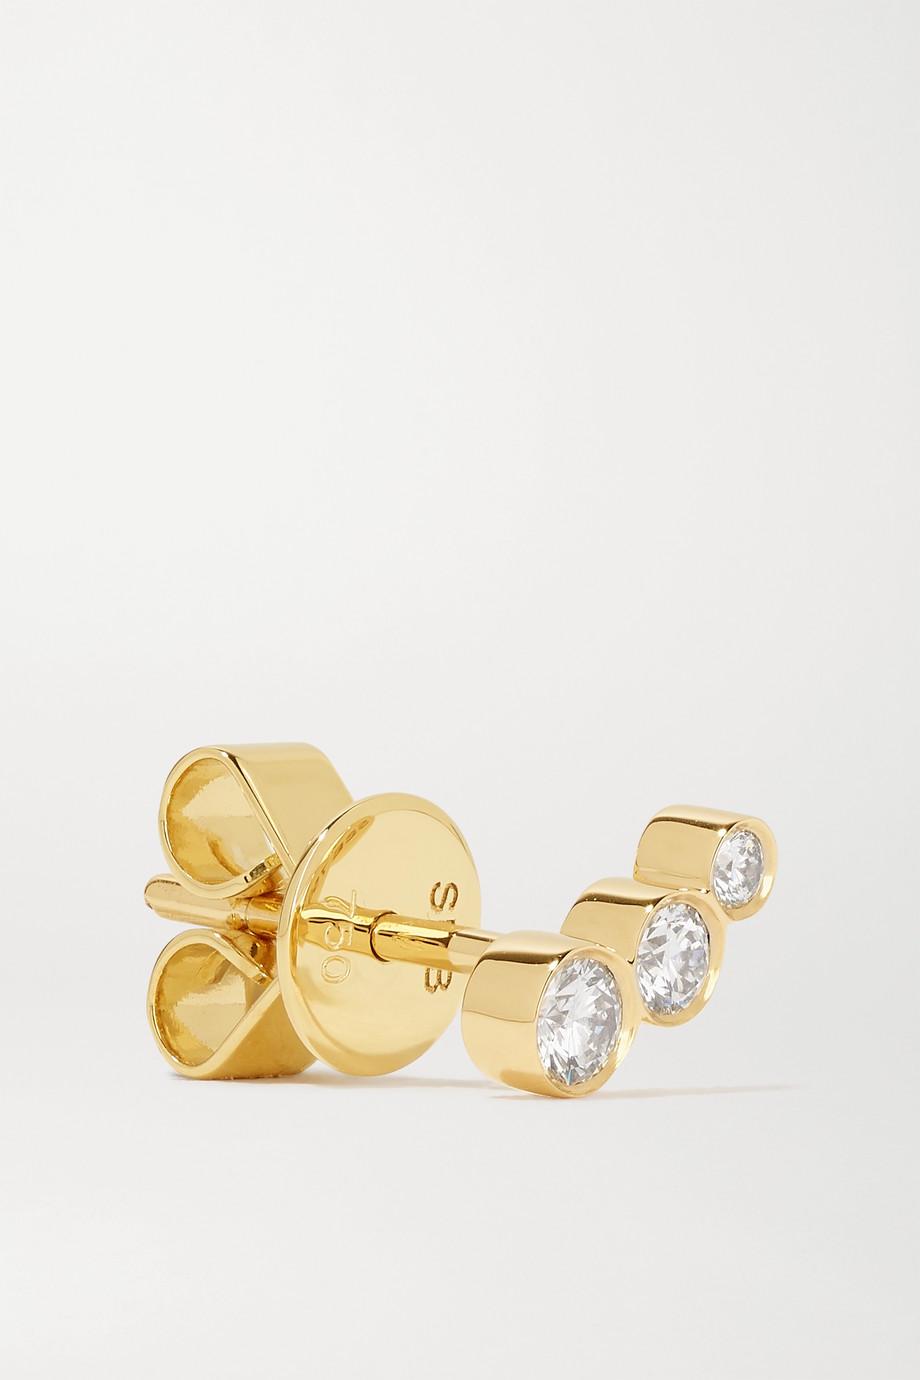 Sophie Bille Brahe Boucle d'oreille en or 18 carats et diamants Croissant Trois